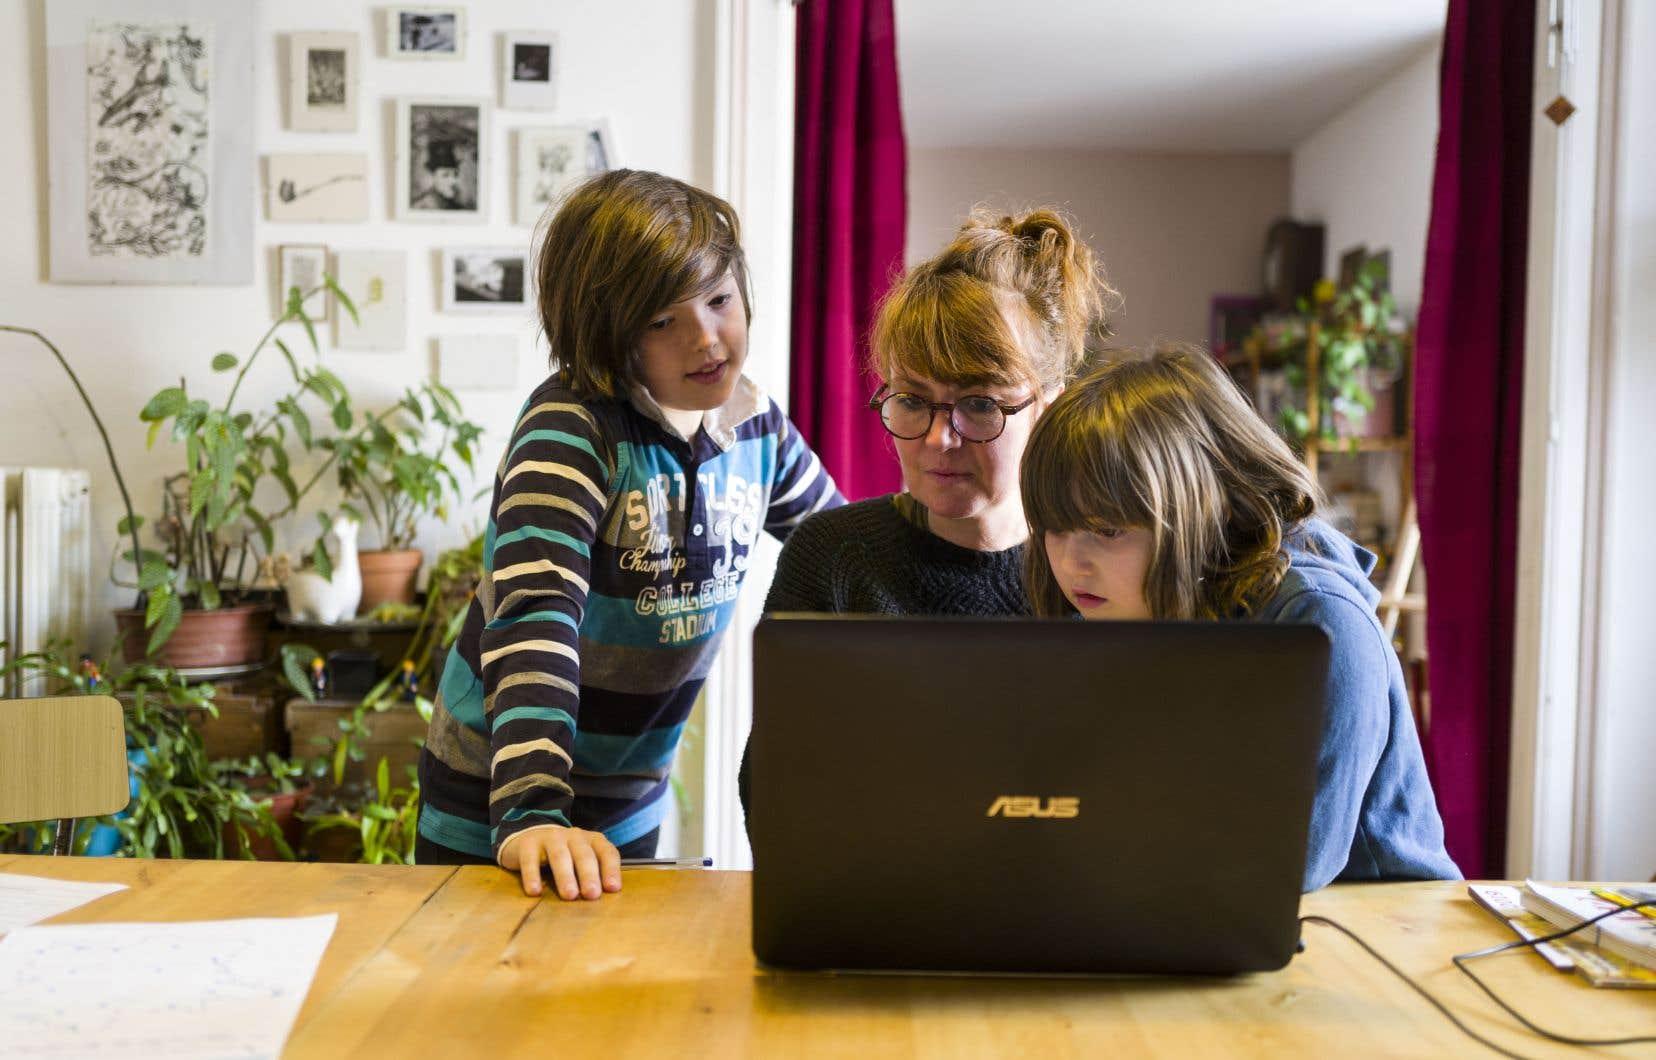 Dès le vendredi 13 mars, dernière journée d'école avant la suspension des cours, un grand nombre de professeurs ont remis aux élèves des documents photocopiés leur permettant de travailler à la maison.